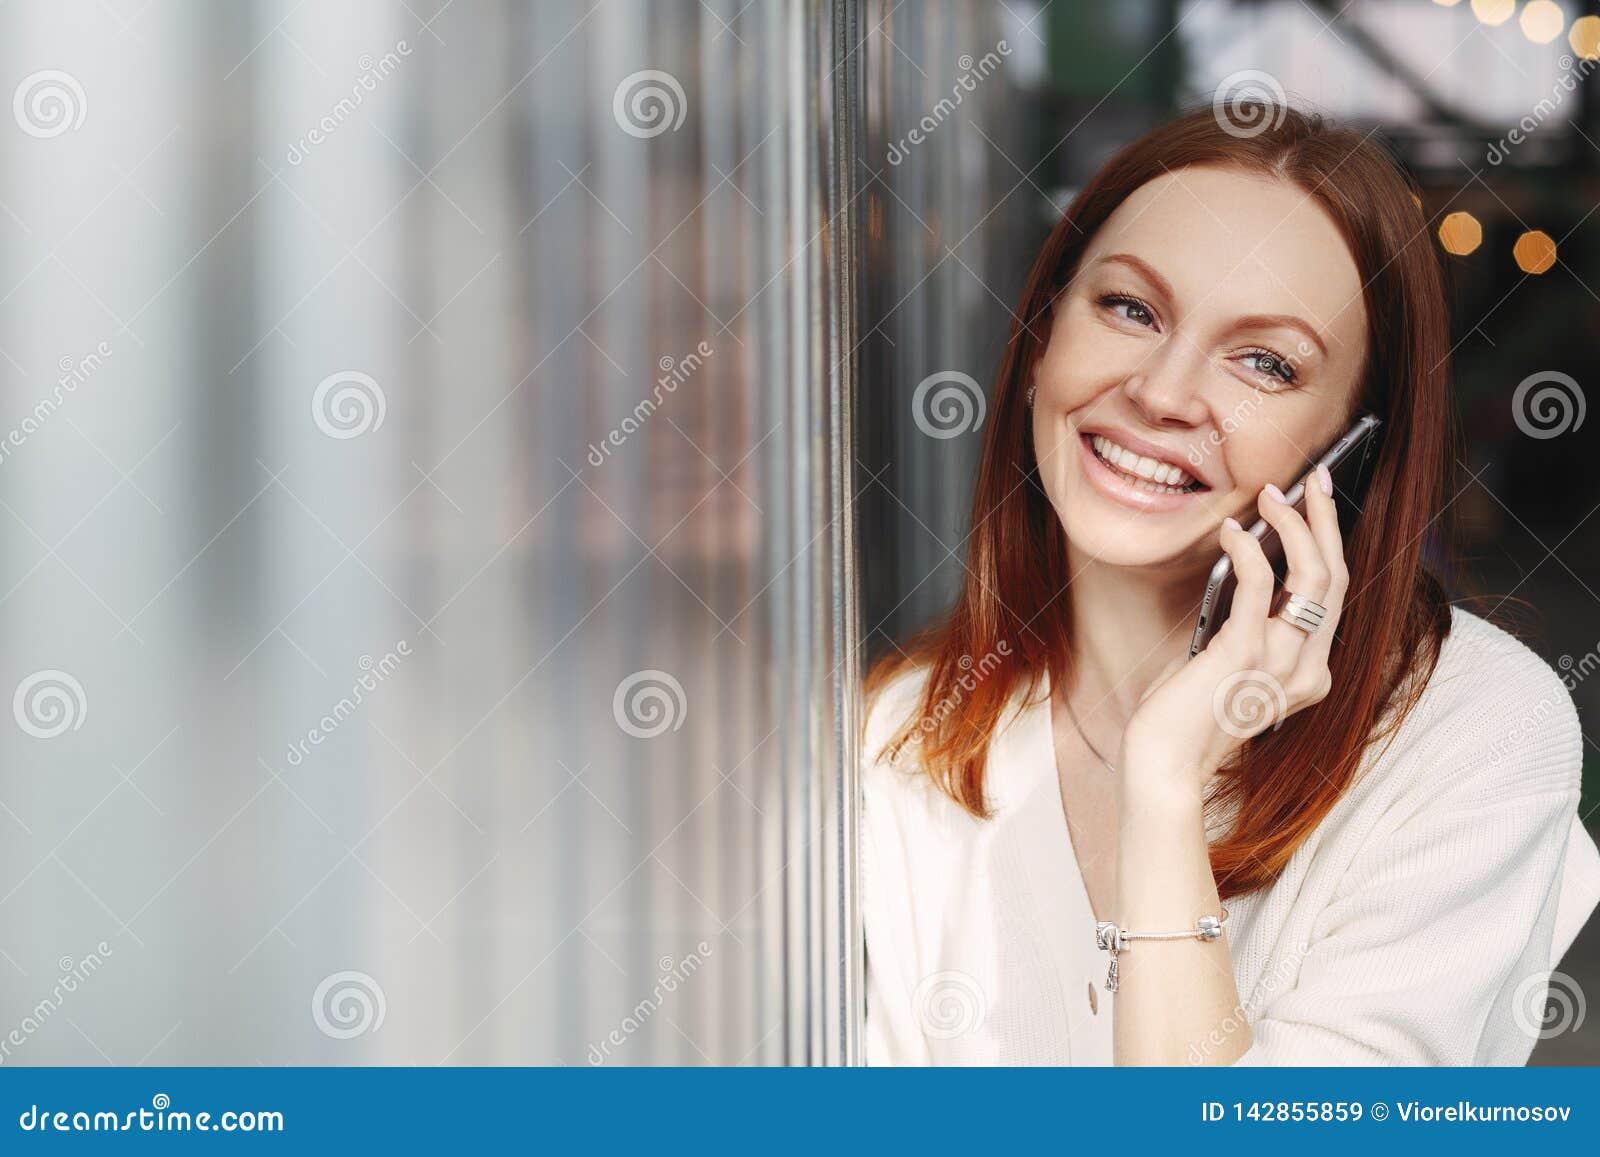 Headshot des lächelnden weiblichen Angestellten mit nettem Gesichtsausdruck, benutzt intelligentes Telefongerät zu Diskussionsinf